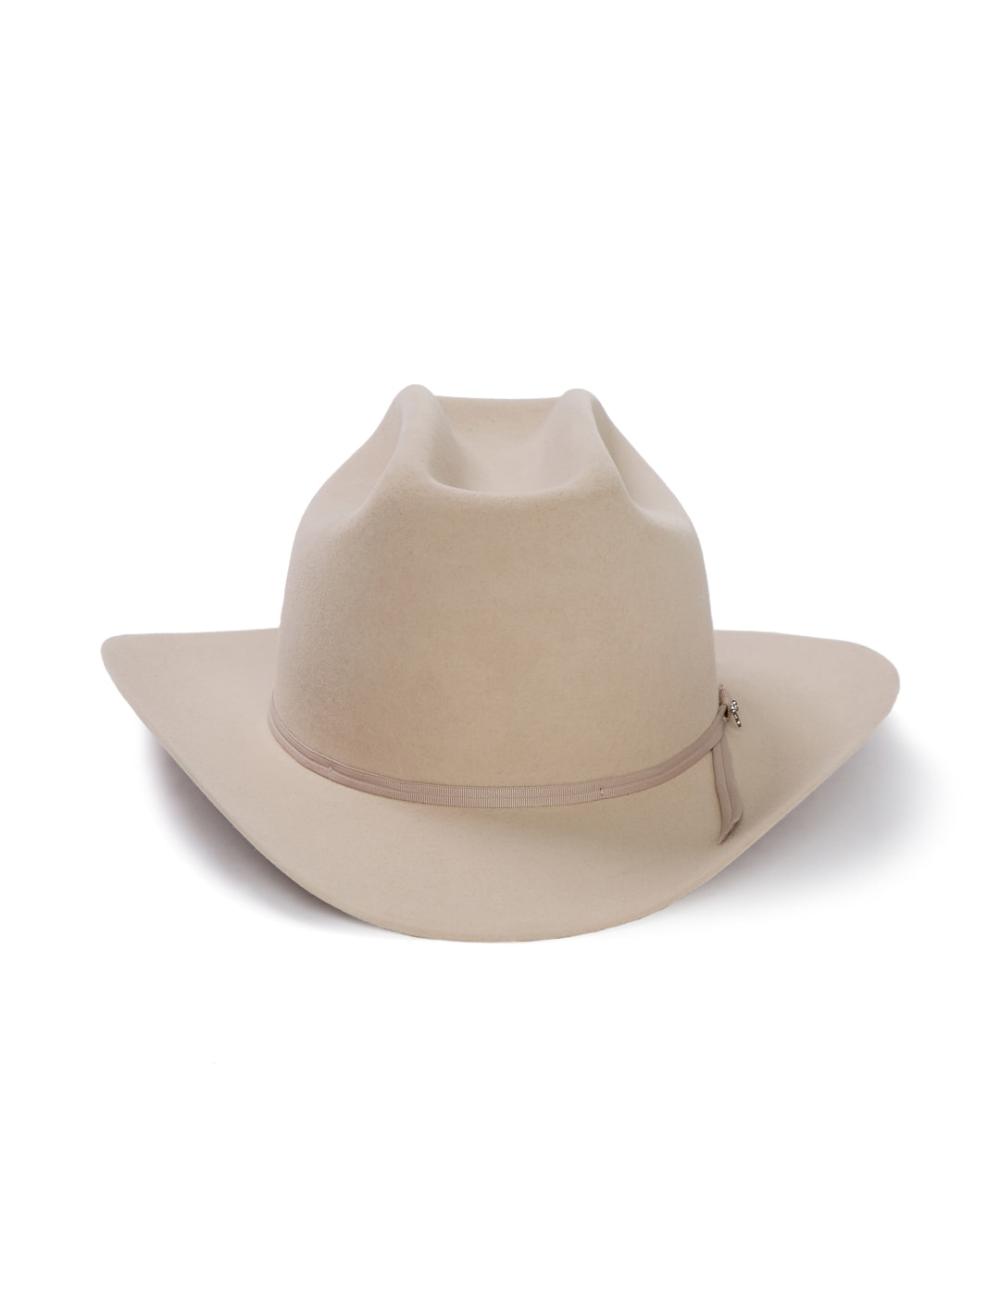 Open Road 6x Cowboy Hat Cowboy Hats Felt Cowboy Hats Cowboy